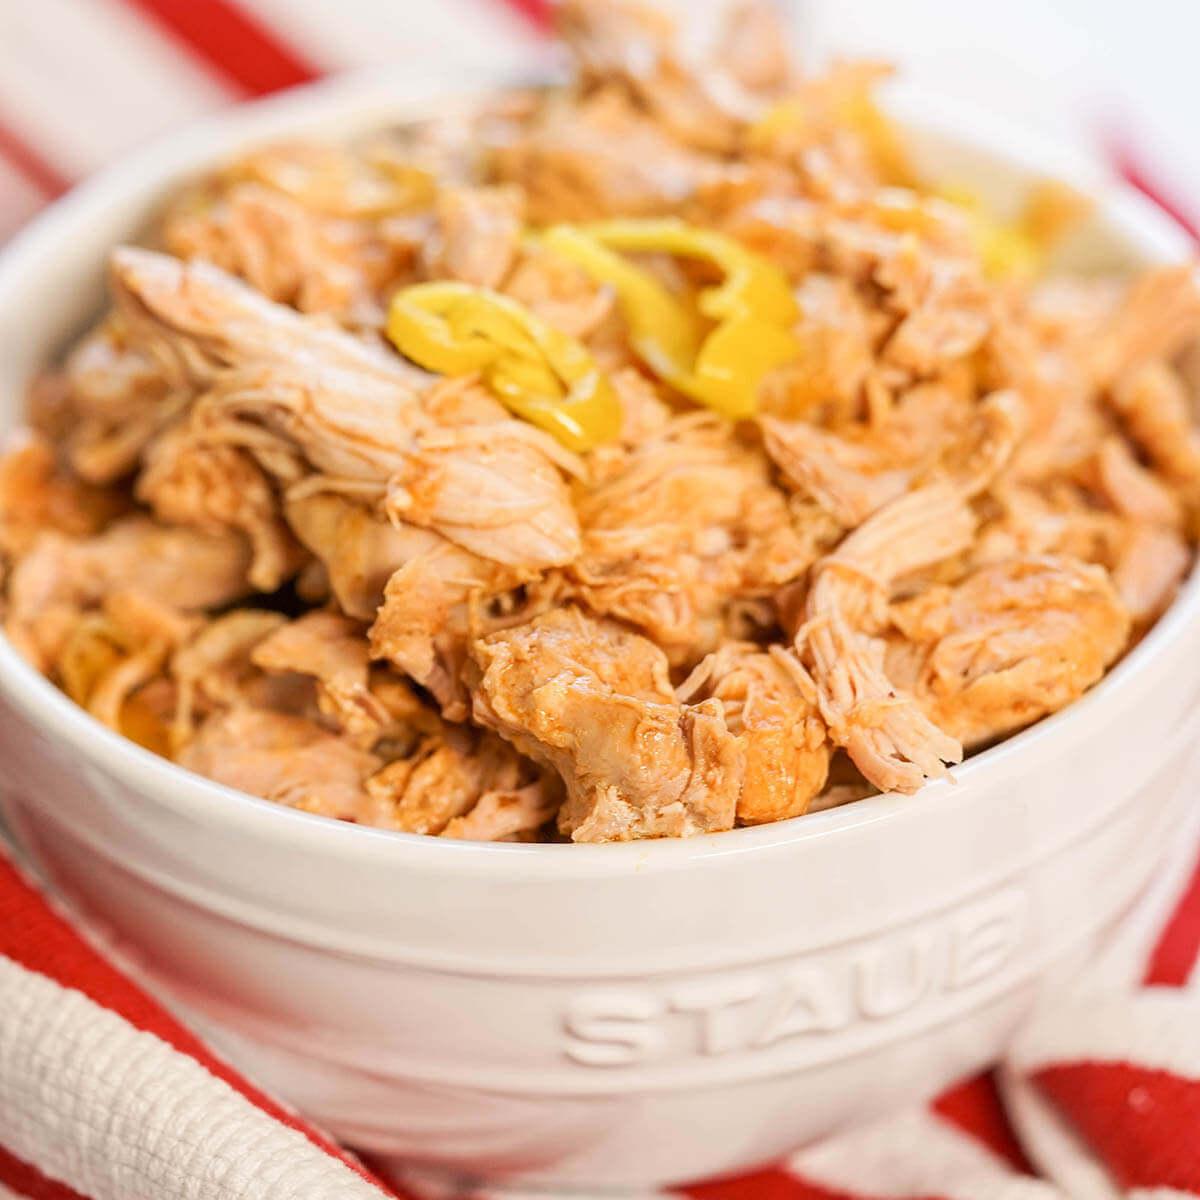 Shredded chicken in white bowl.